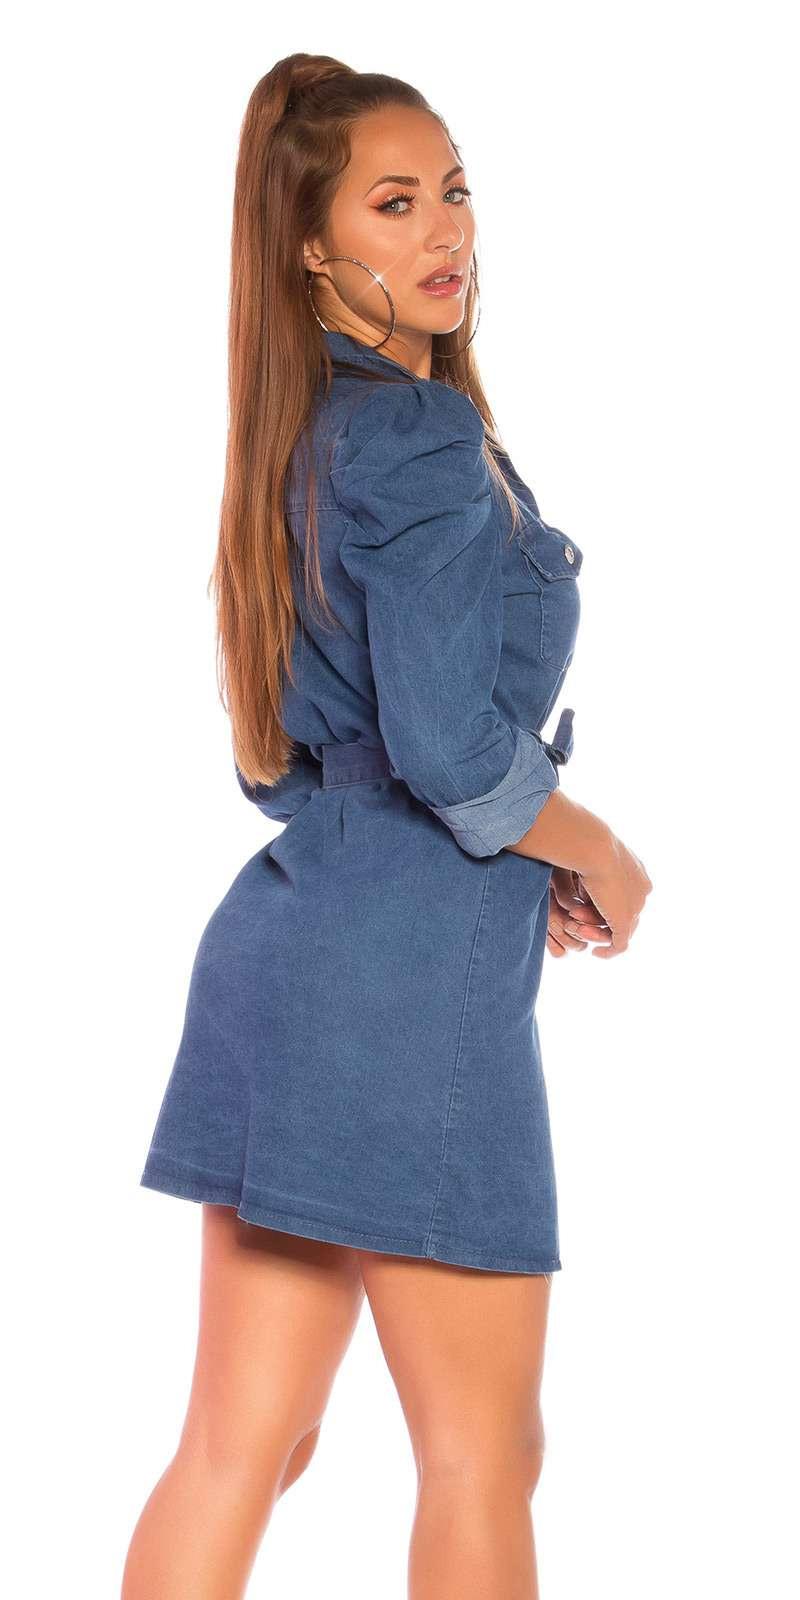 Jeans Kleid  Minikleid / Longshirt  Dunkelblau